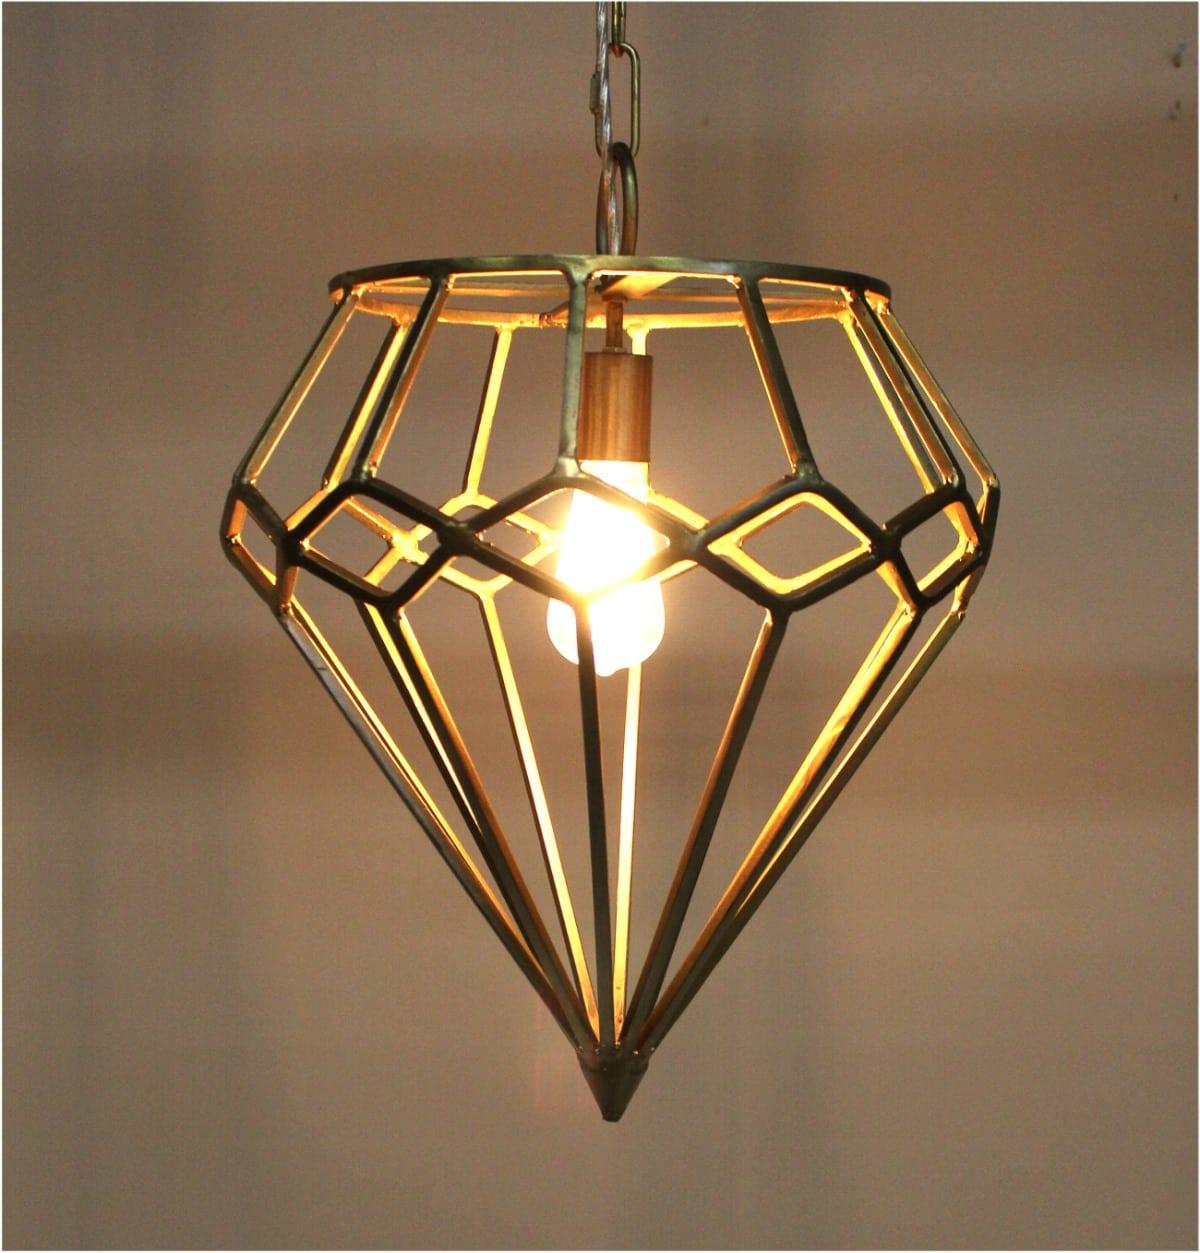 Gold Diamond Shape Pendant Chandelier Light Fixture Ceiling Mount ...